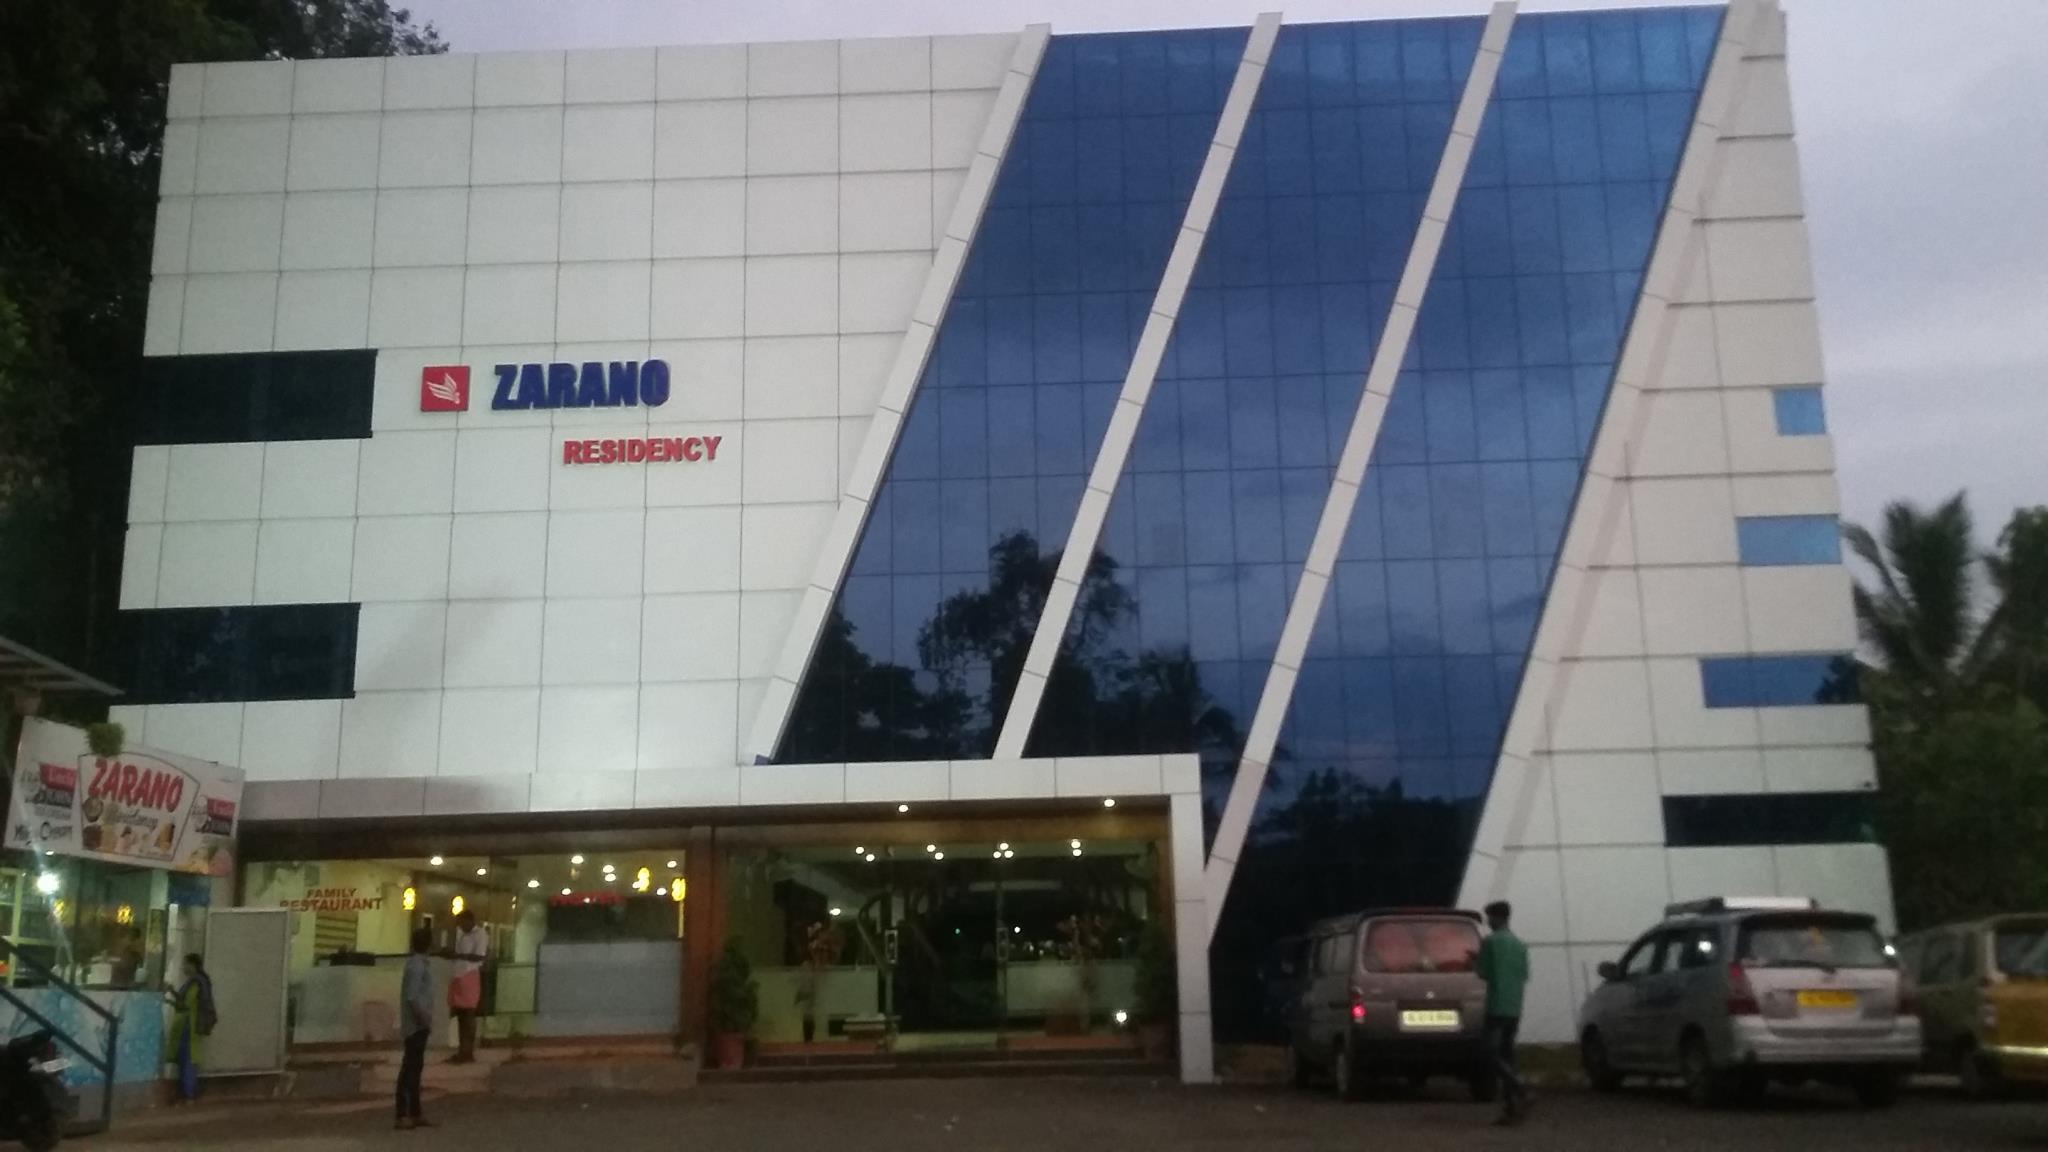 Zarano Residency, Kannur